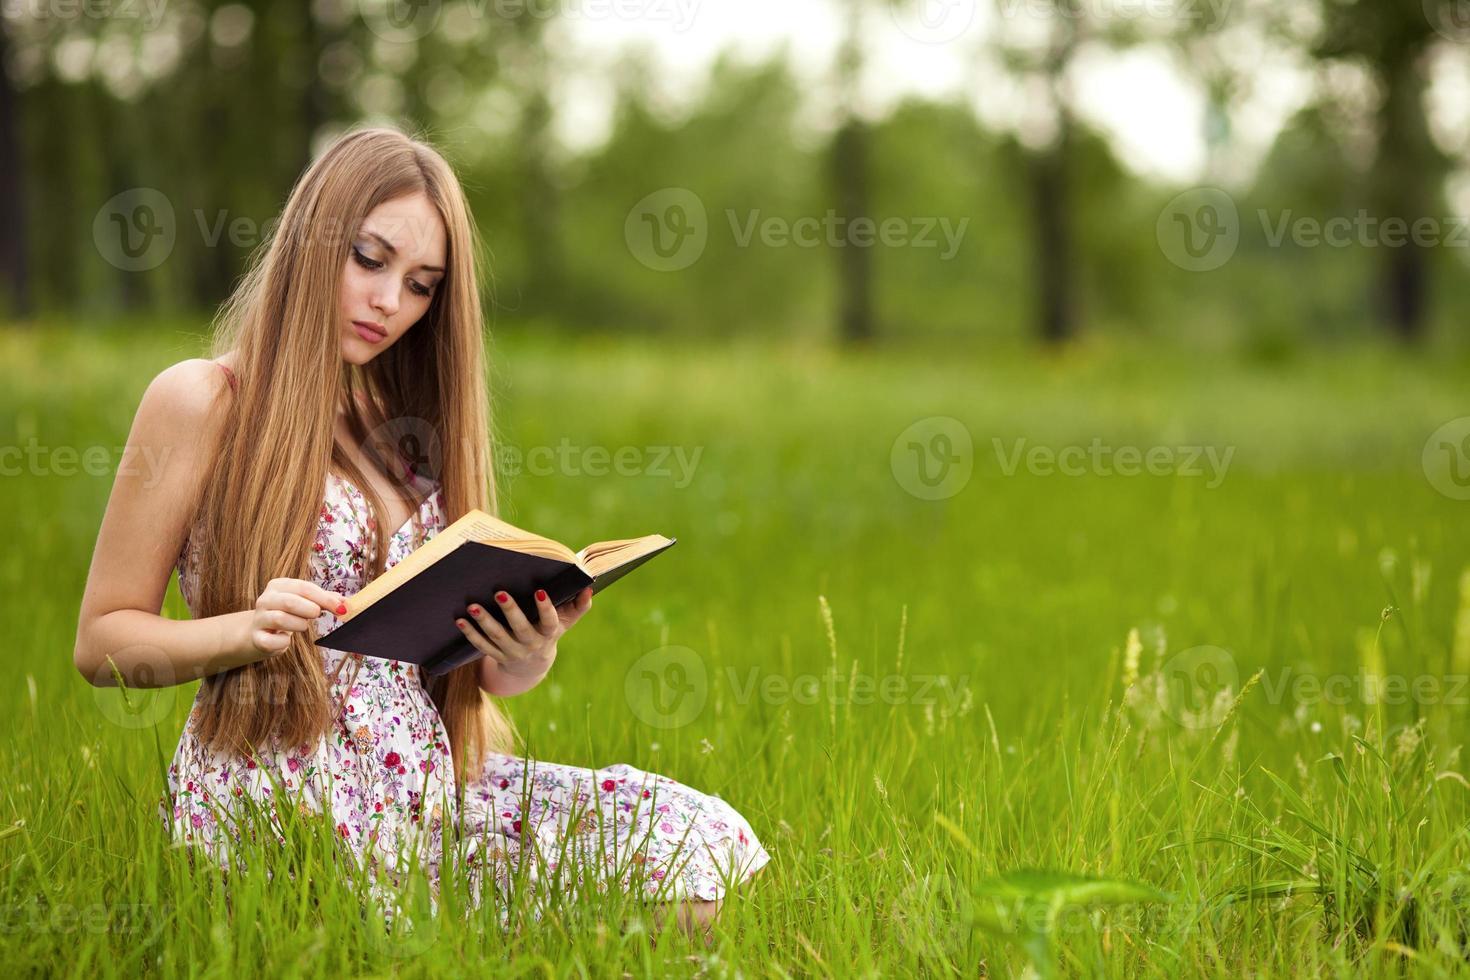 ragazza-studentessa si siede sul prato e legge il libro di testo. foto